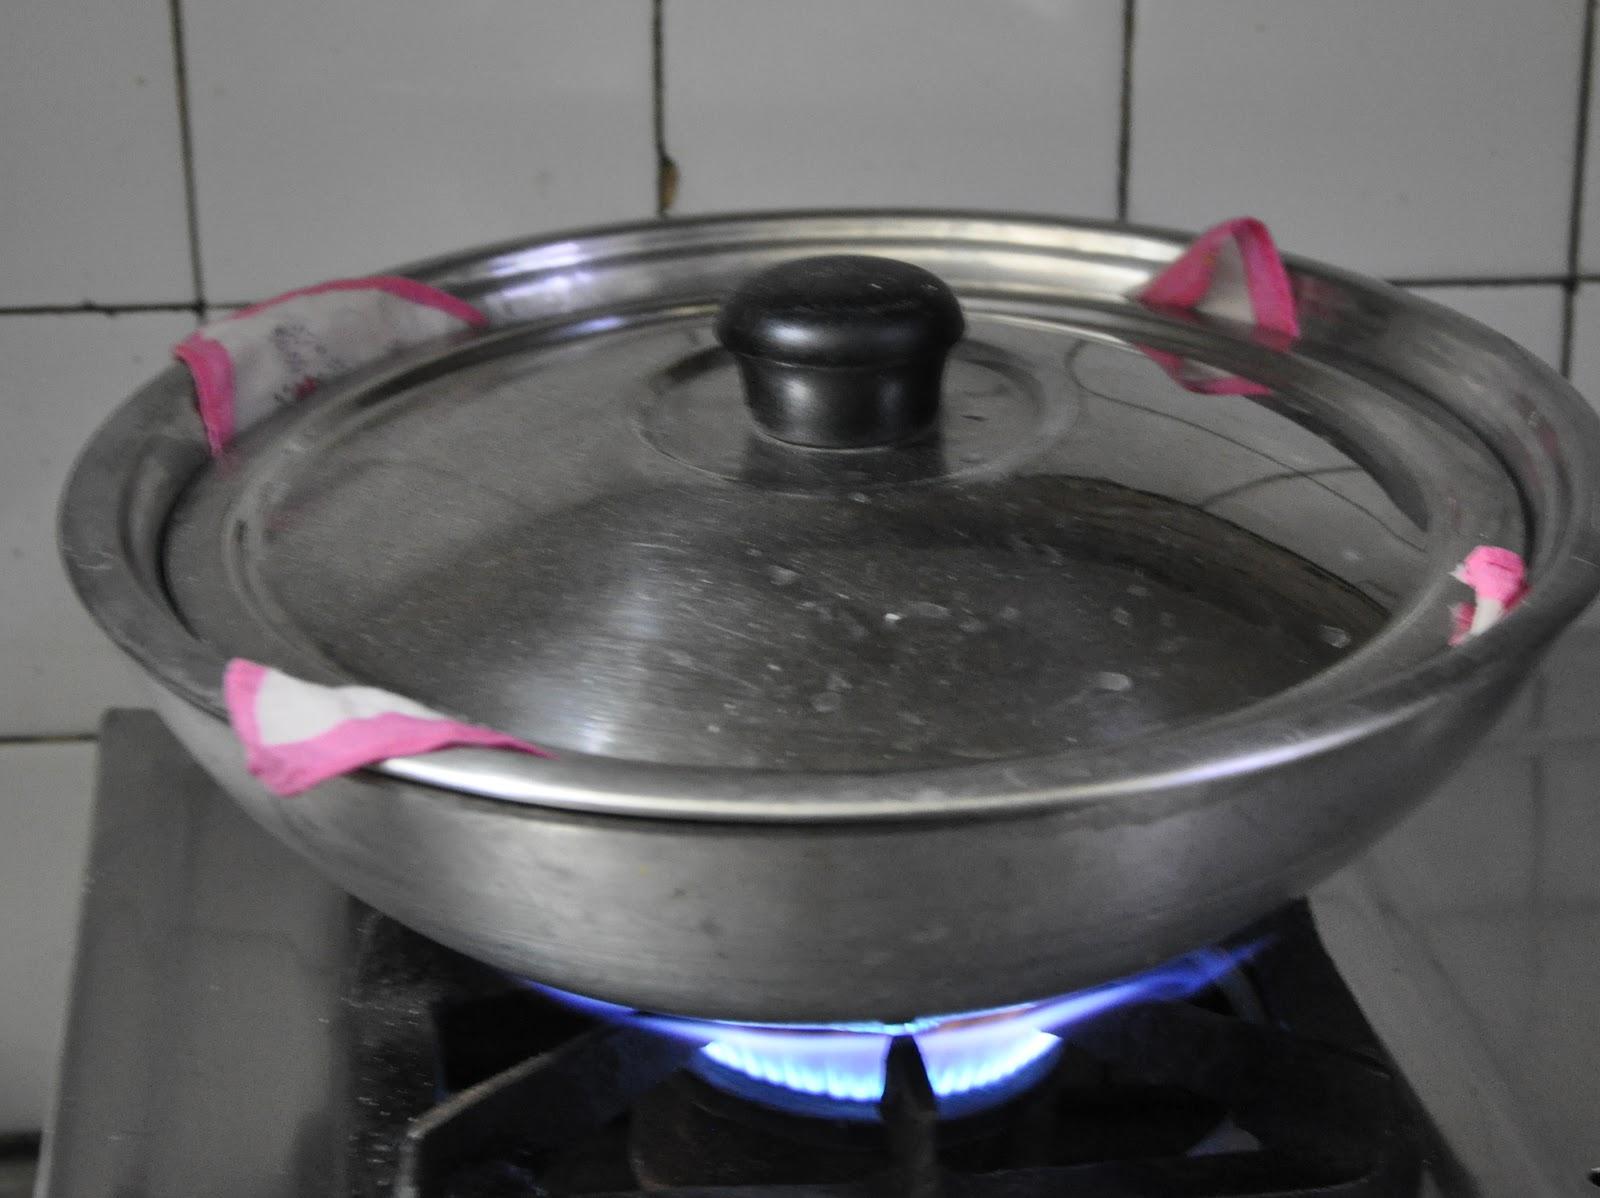 Steaming Dumplings Without A Steamer ~ Banaras ka khana bhapouri baphouri or steamed dumplings